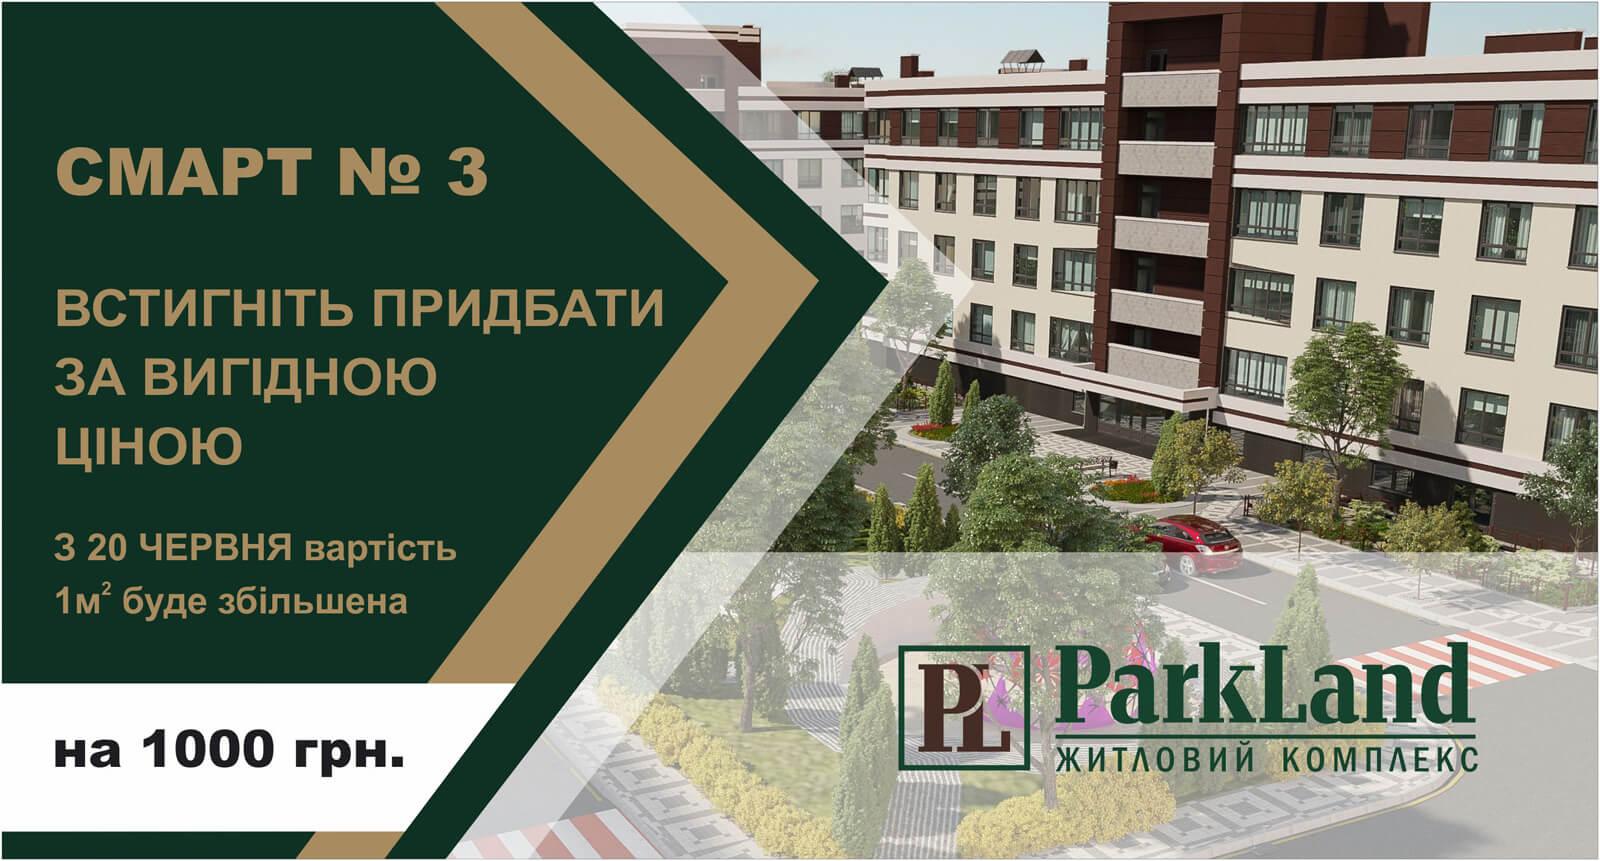 akzija-smart3-1-ukr